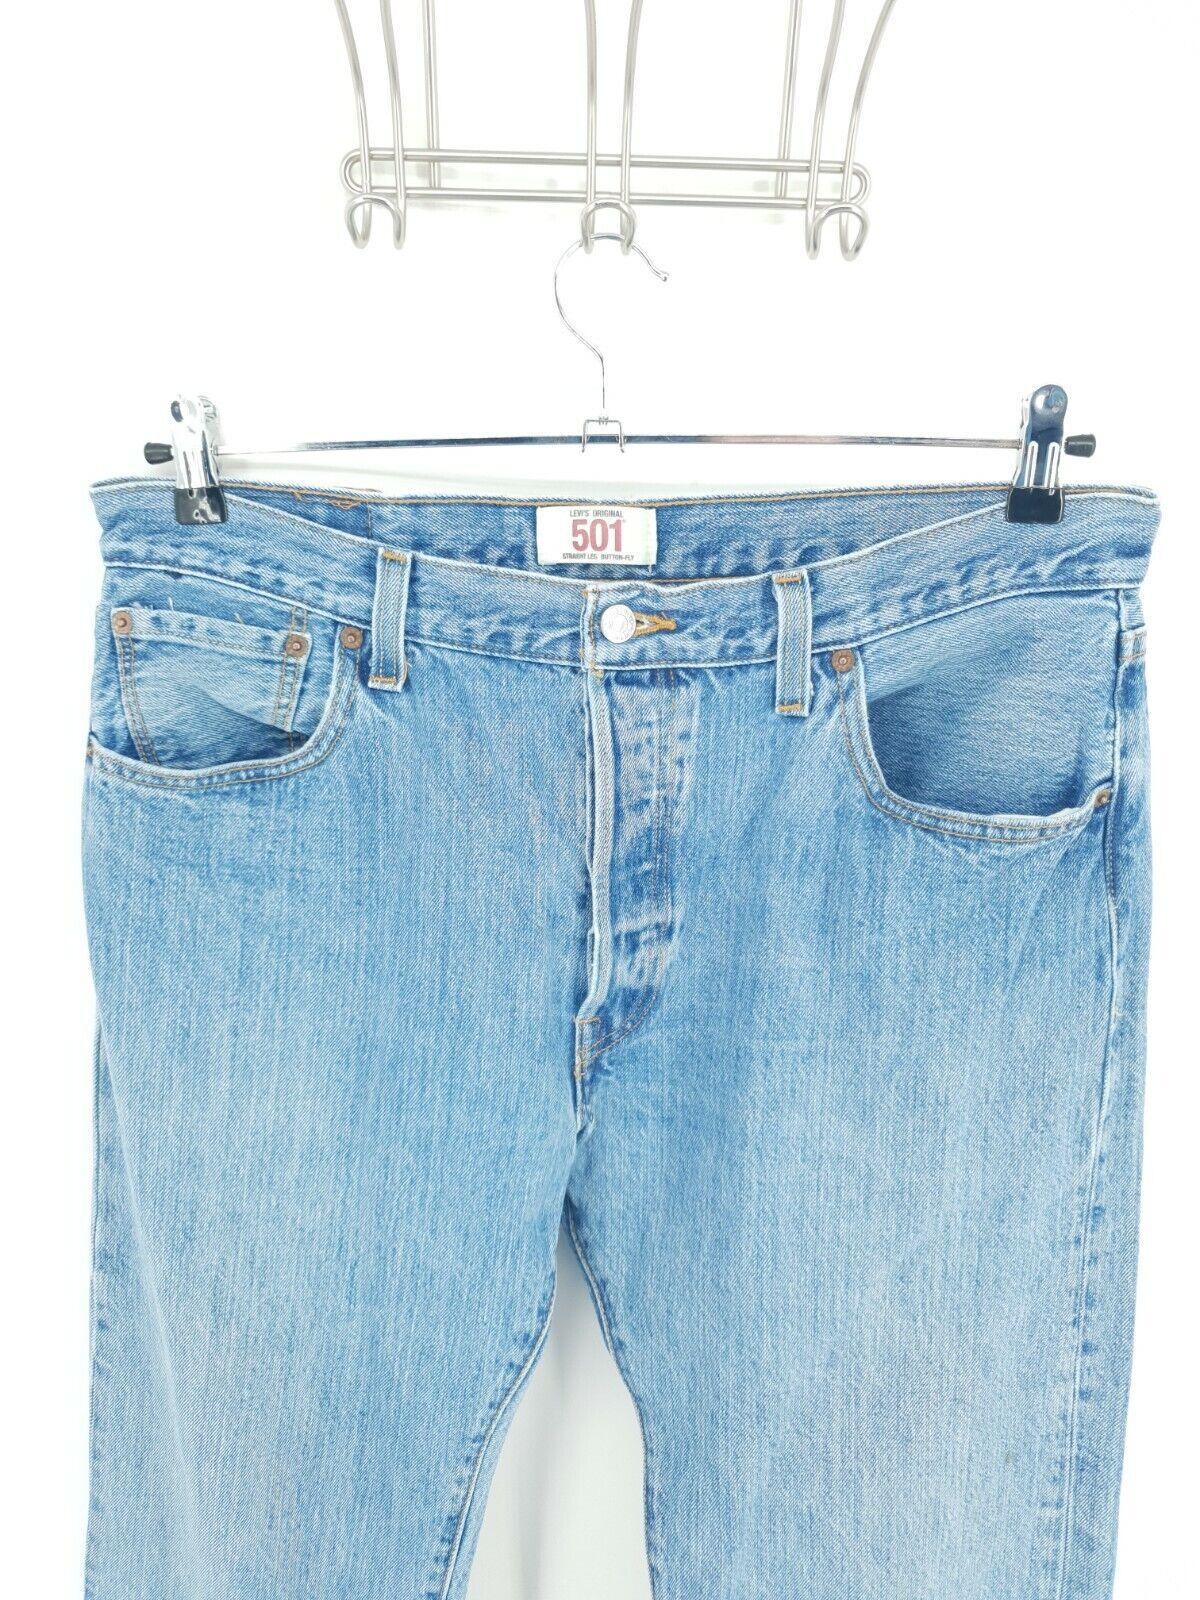 Vintage  Levis 501 XX Jeans Mens 36x30 Distressed… - image 2